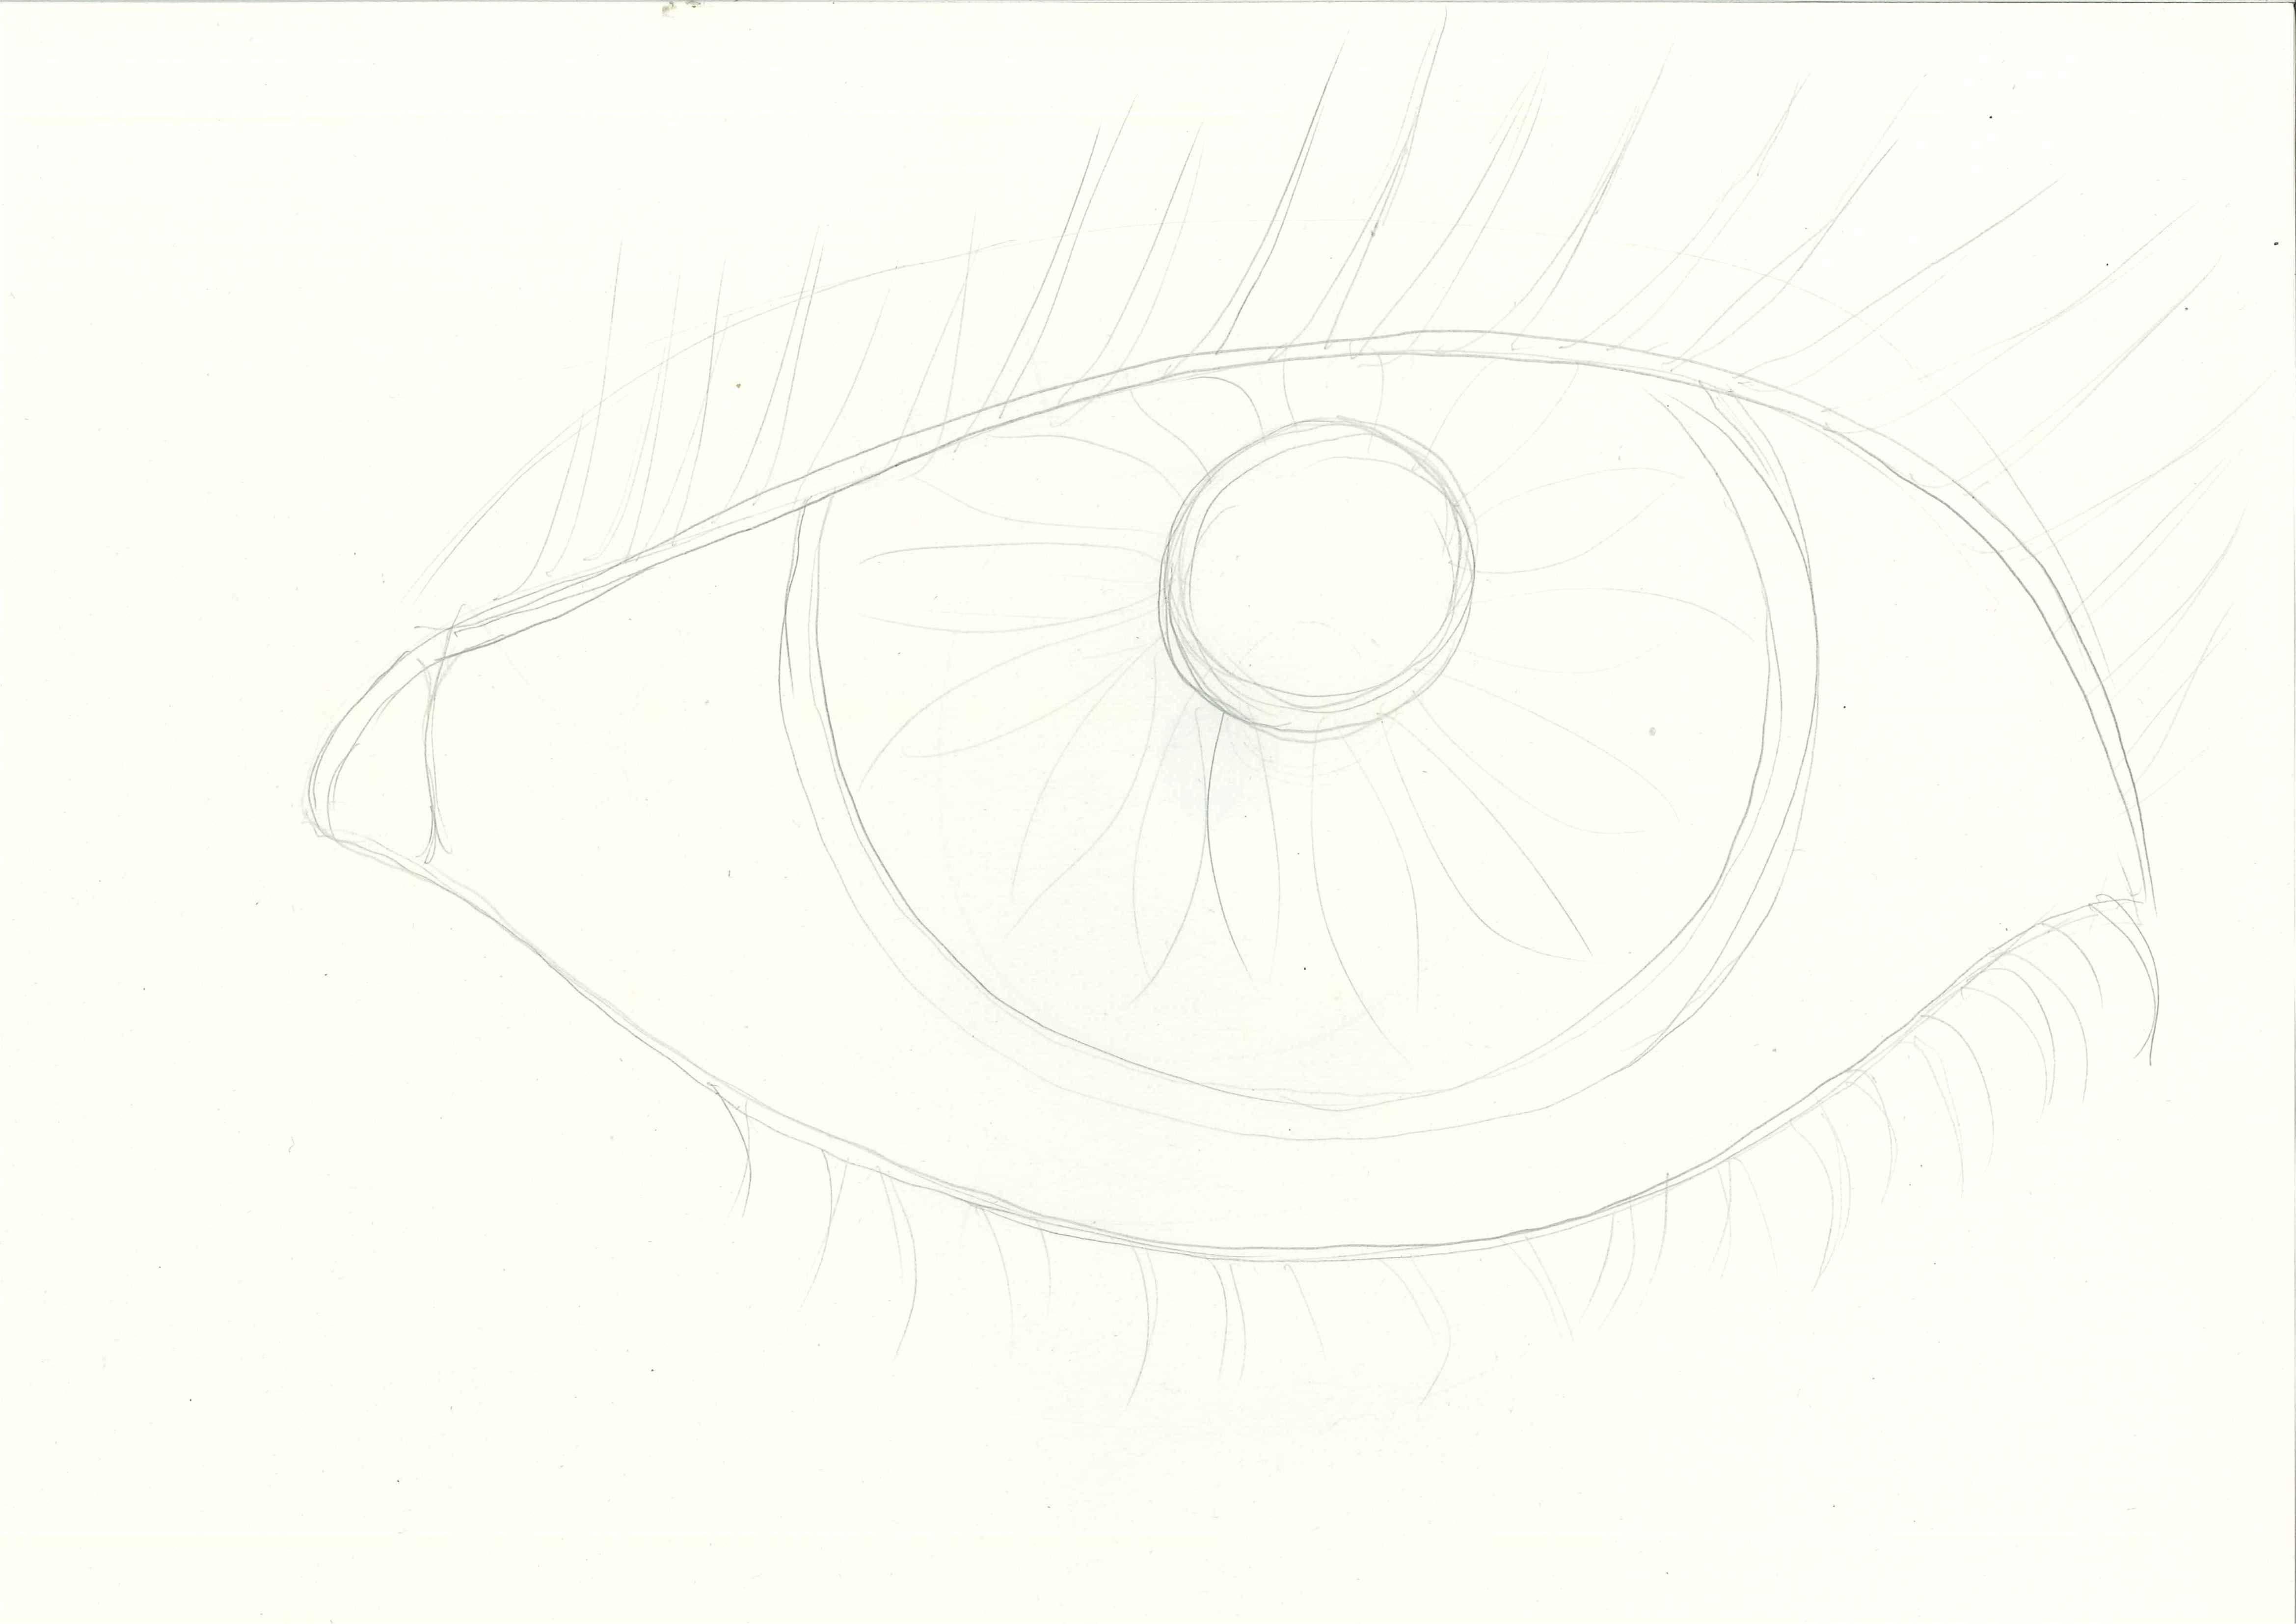 Раскраска Глаз с ресничками Скачать глаз, ресницы, зрачок.  Распечатать ,контур глаза,